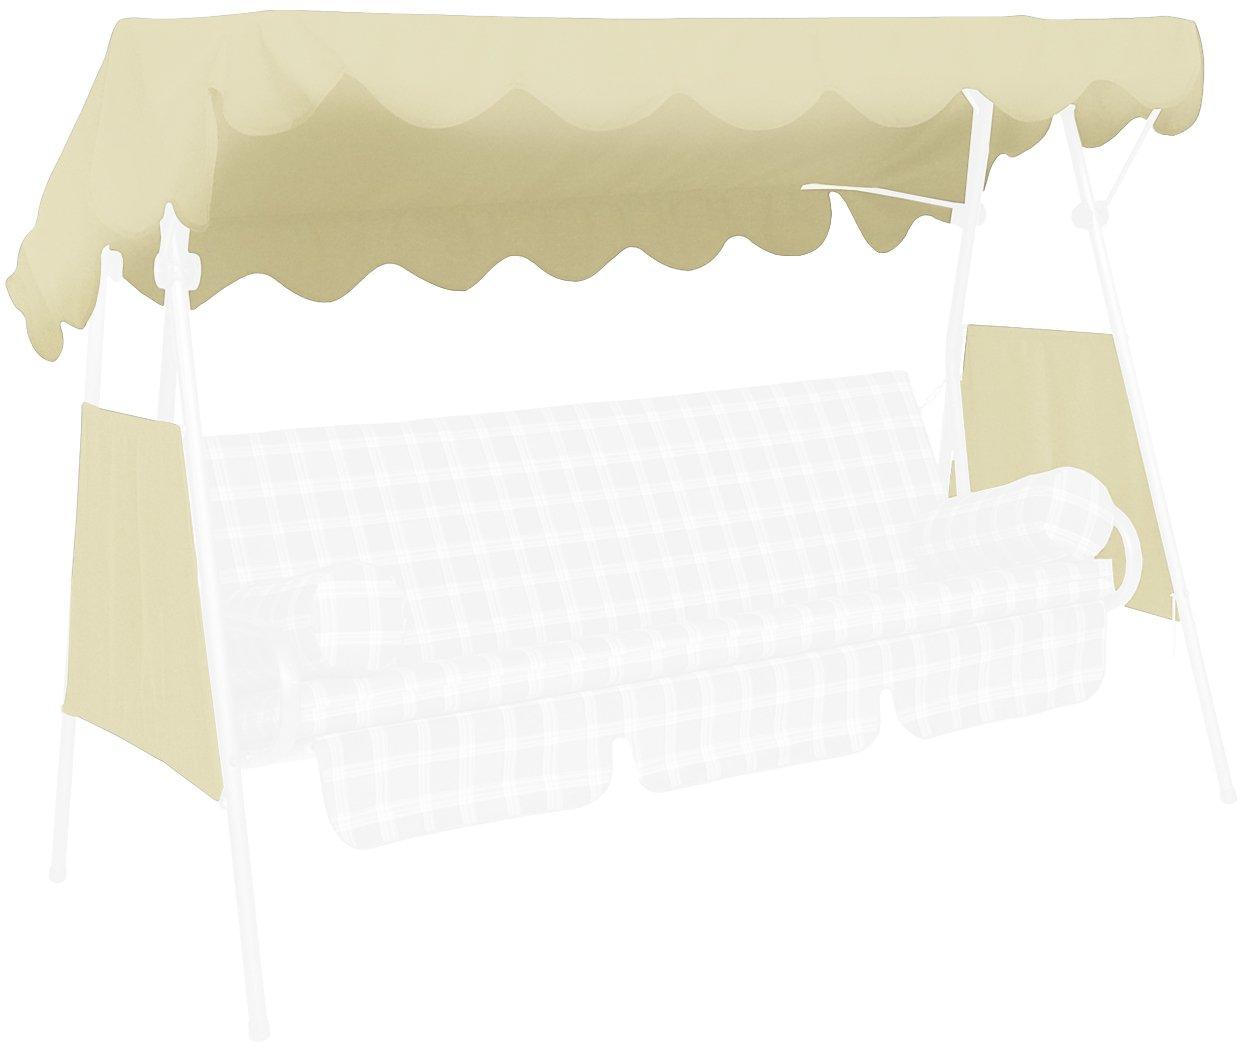 Angerer Tetto del dondolo 200 x 120 cm, qualità Swingtex, colore avorio 807/12